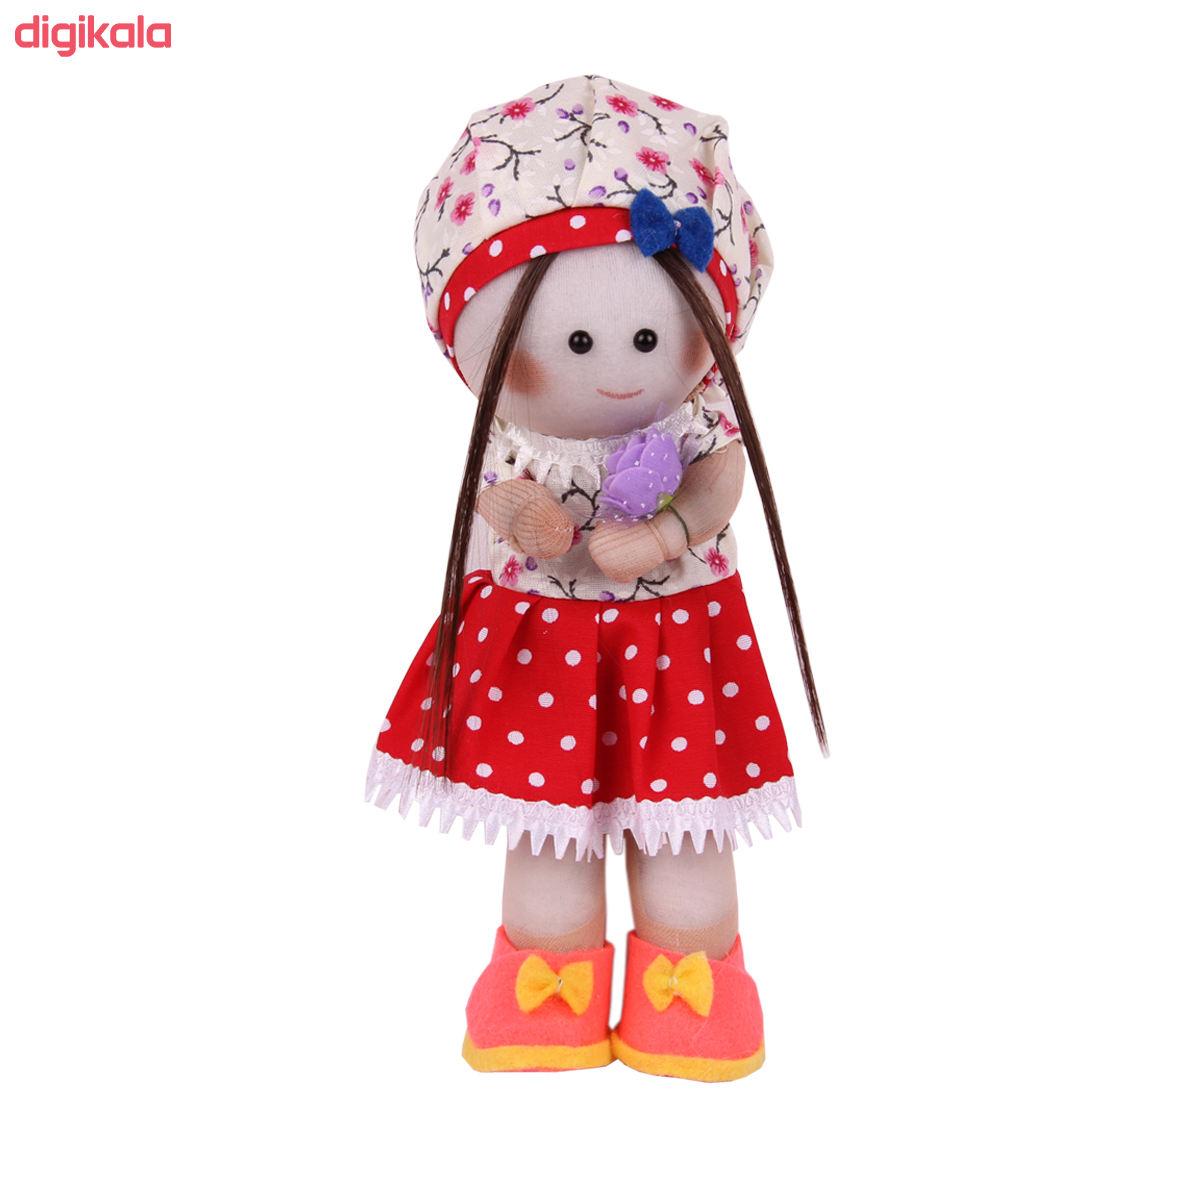 عروسک طرح دختر روسی کد 78 ارتفاع 24 سانتی متر  main 1 1